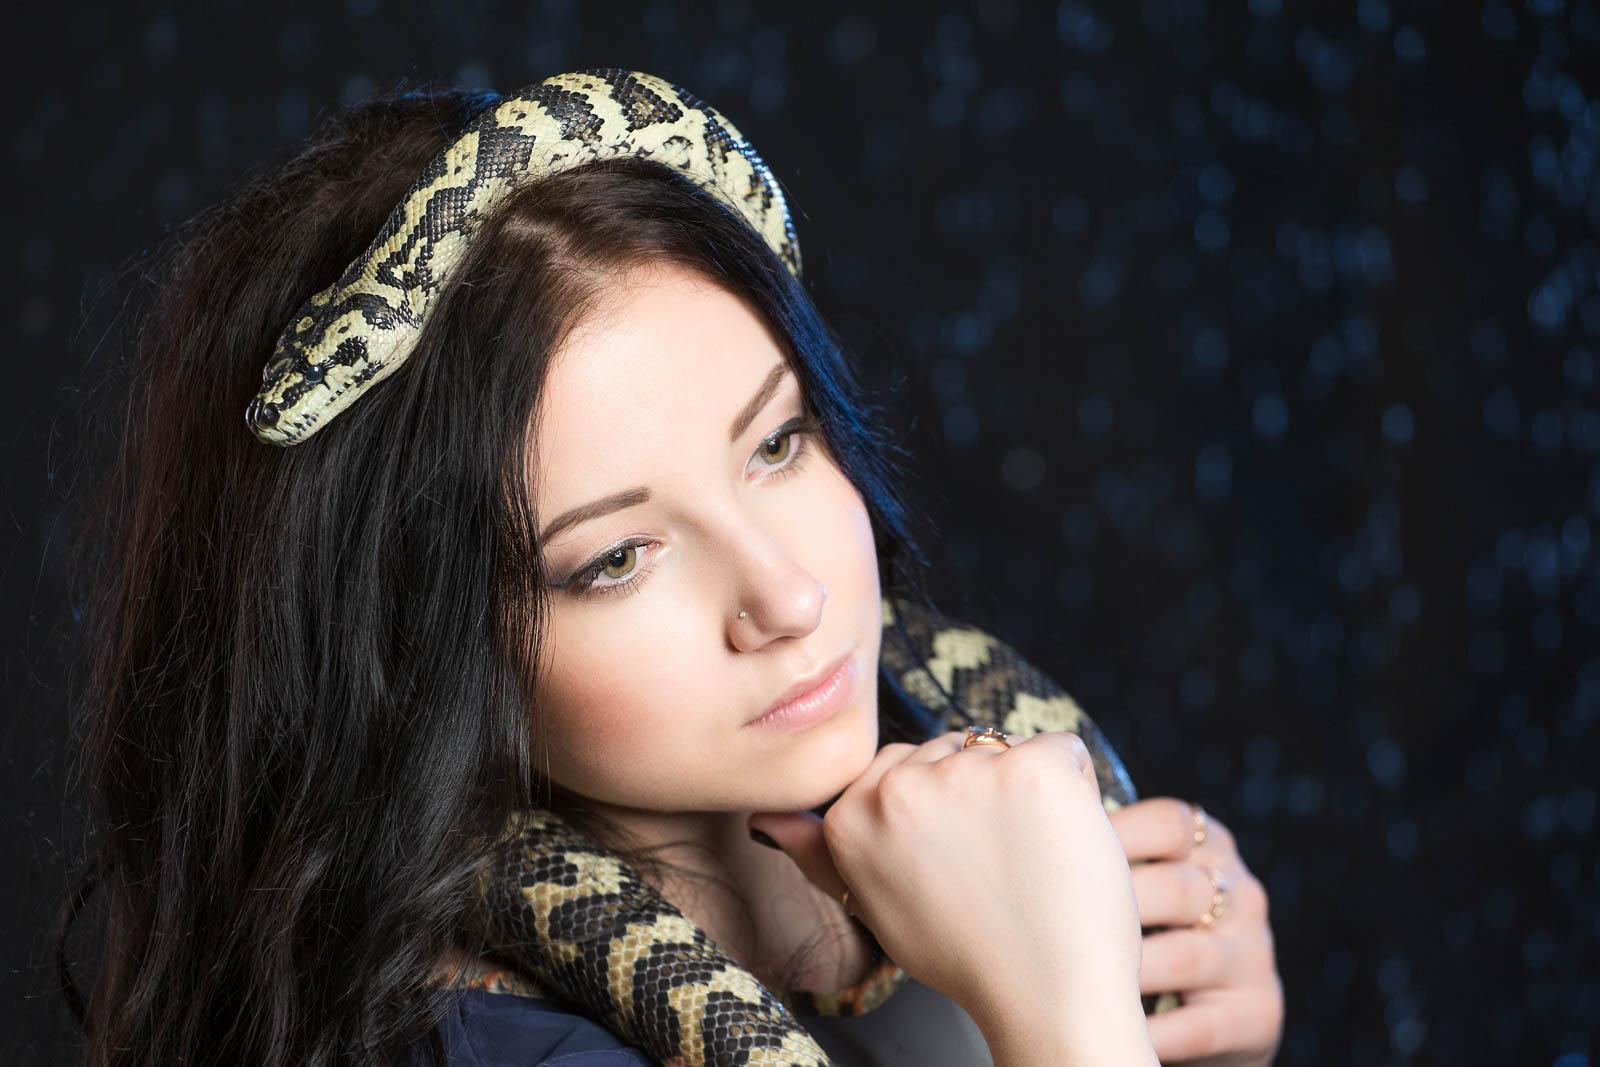 Фотосессия со змеей в аква студии